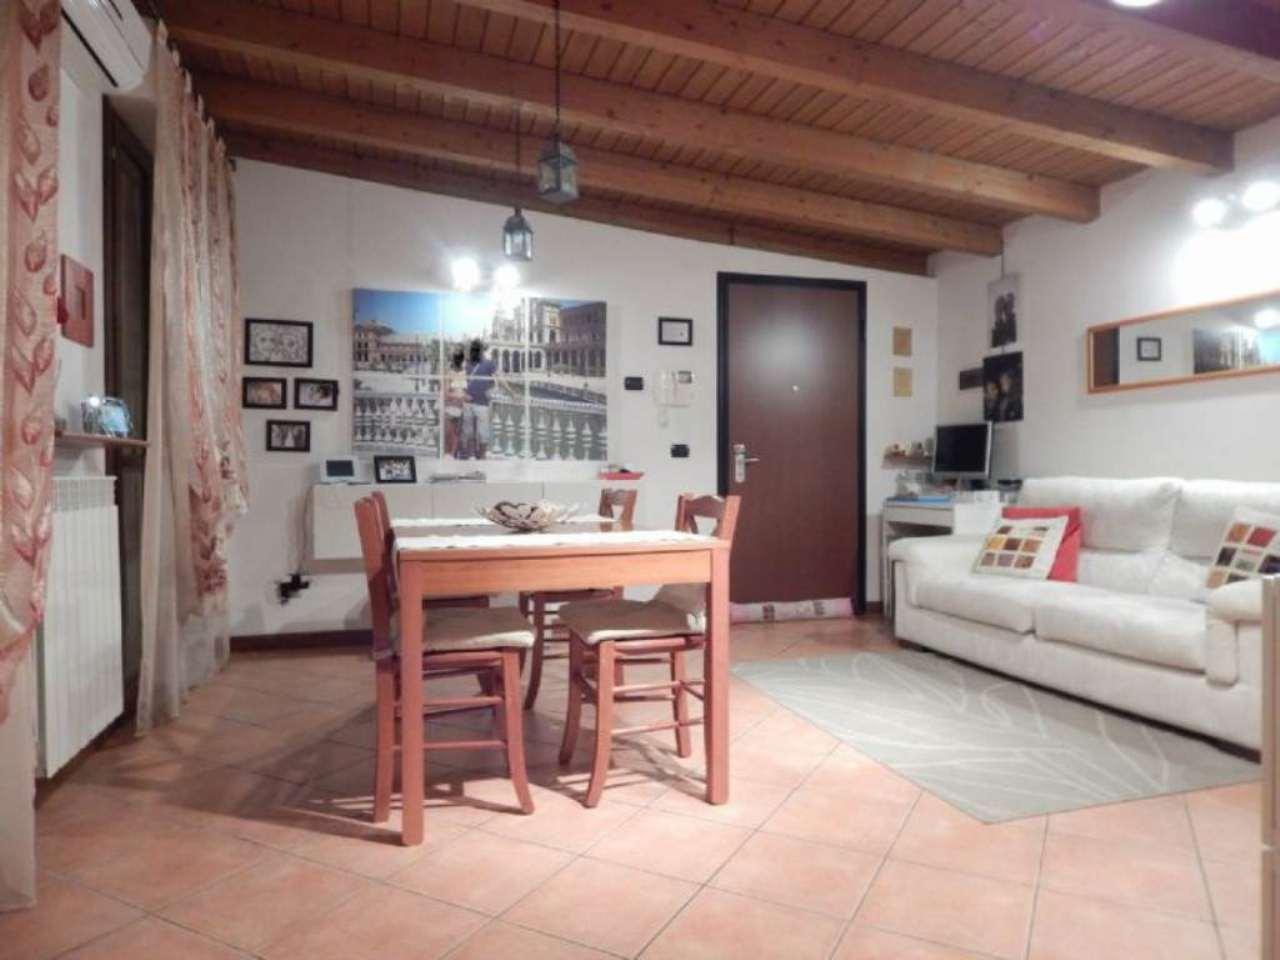 Appartamento in vendita a Treviglio, 2 locali, prezzo € 70.000 | PortaleAgenzieImmobiliari.it